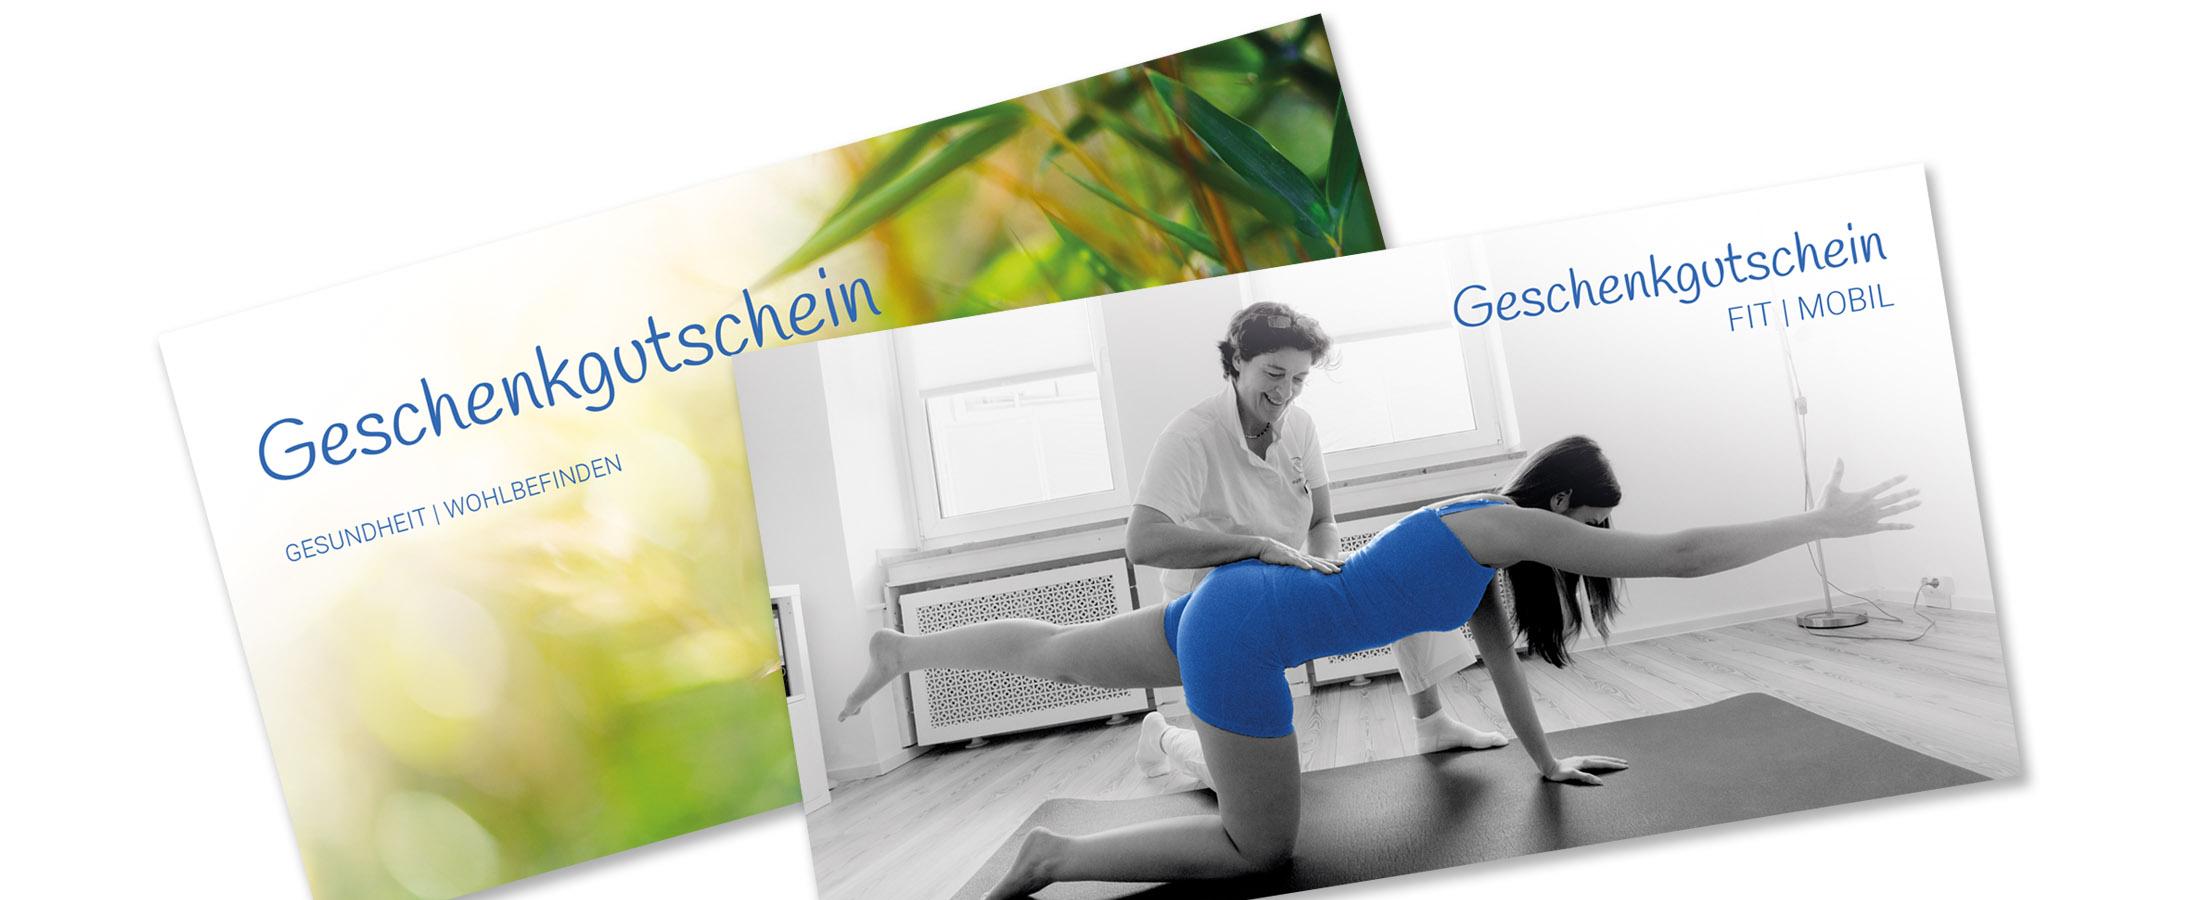 Geschenkgutschein Banner der Physiotherapie Praxis mensana•med in Köln